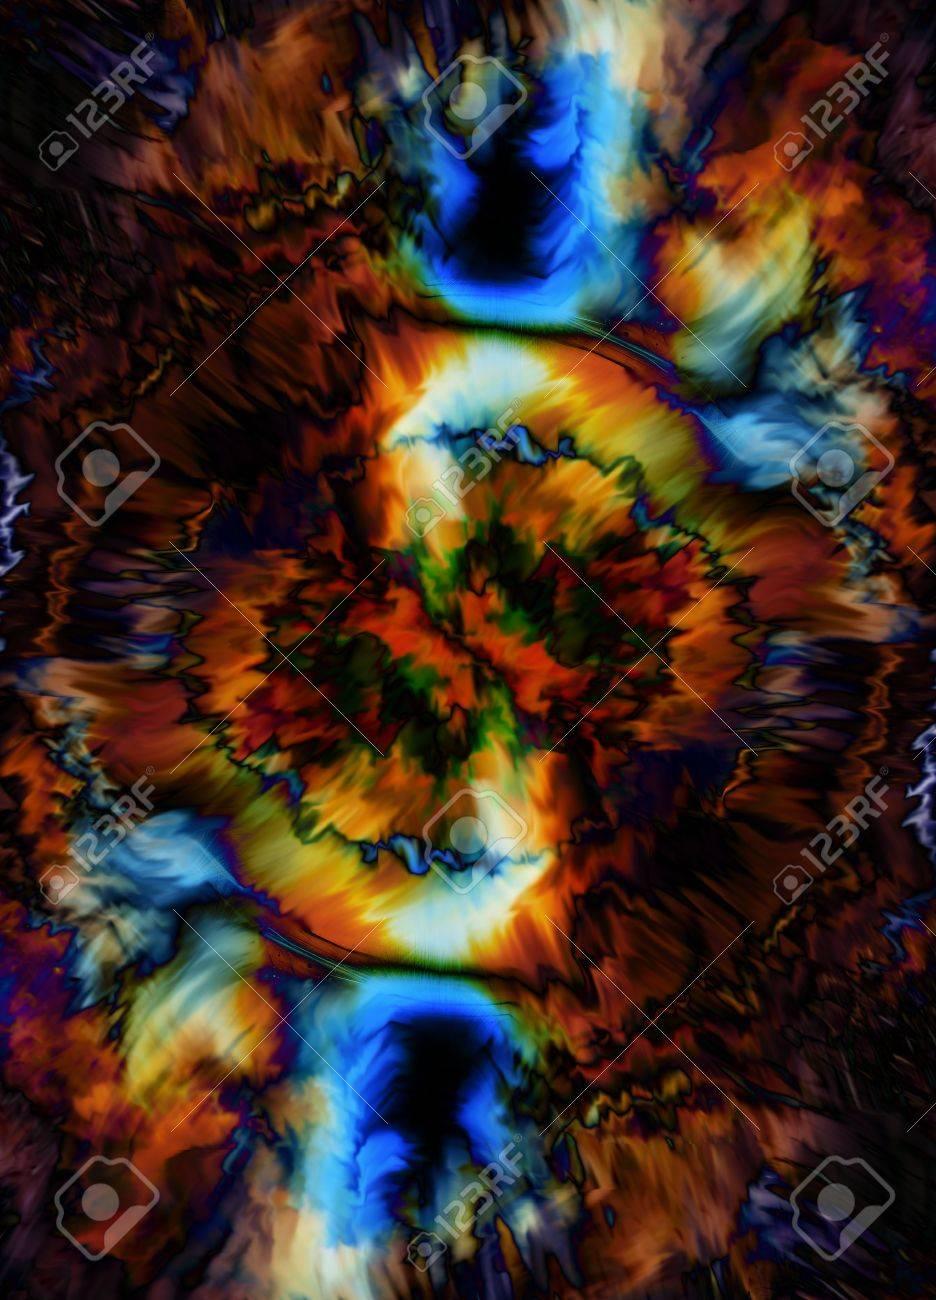 Farbe Kosmischen Raum, Mehrfarbigen Hintergrund. Malerei Wirkung ...